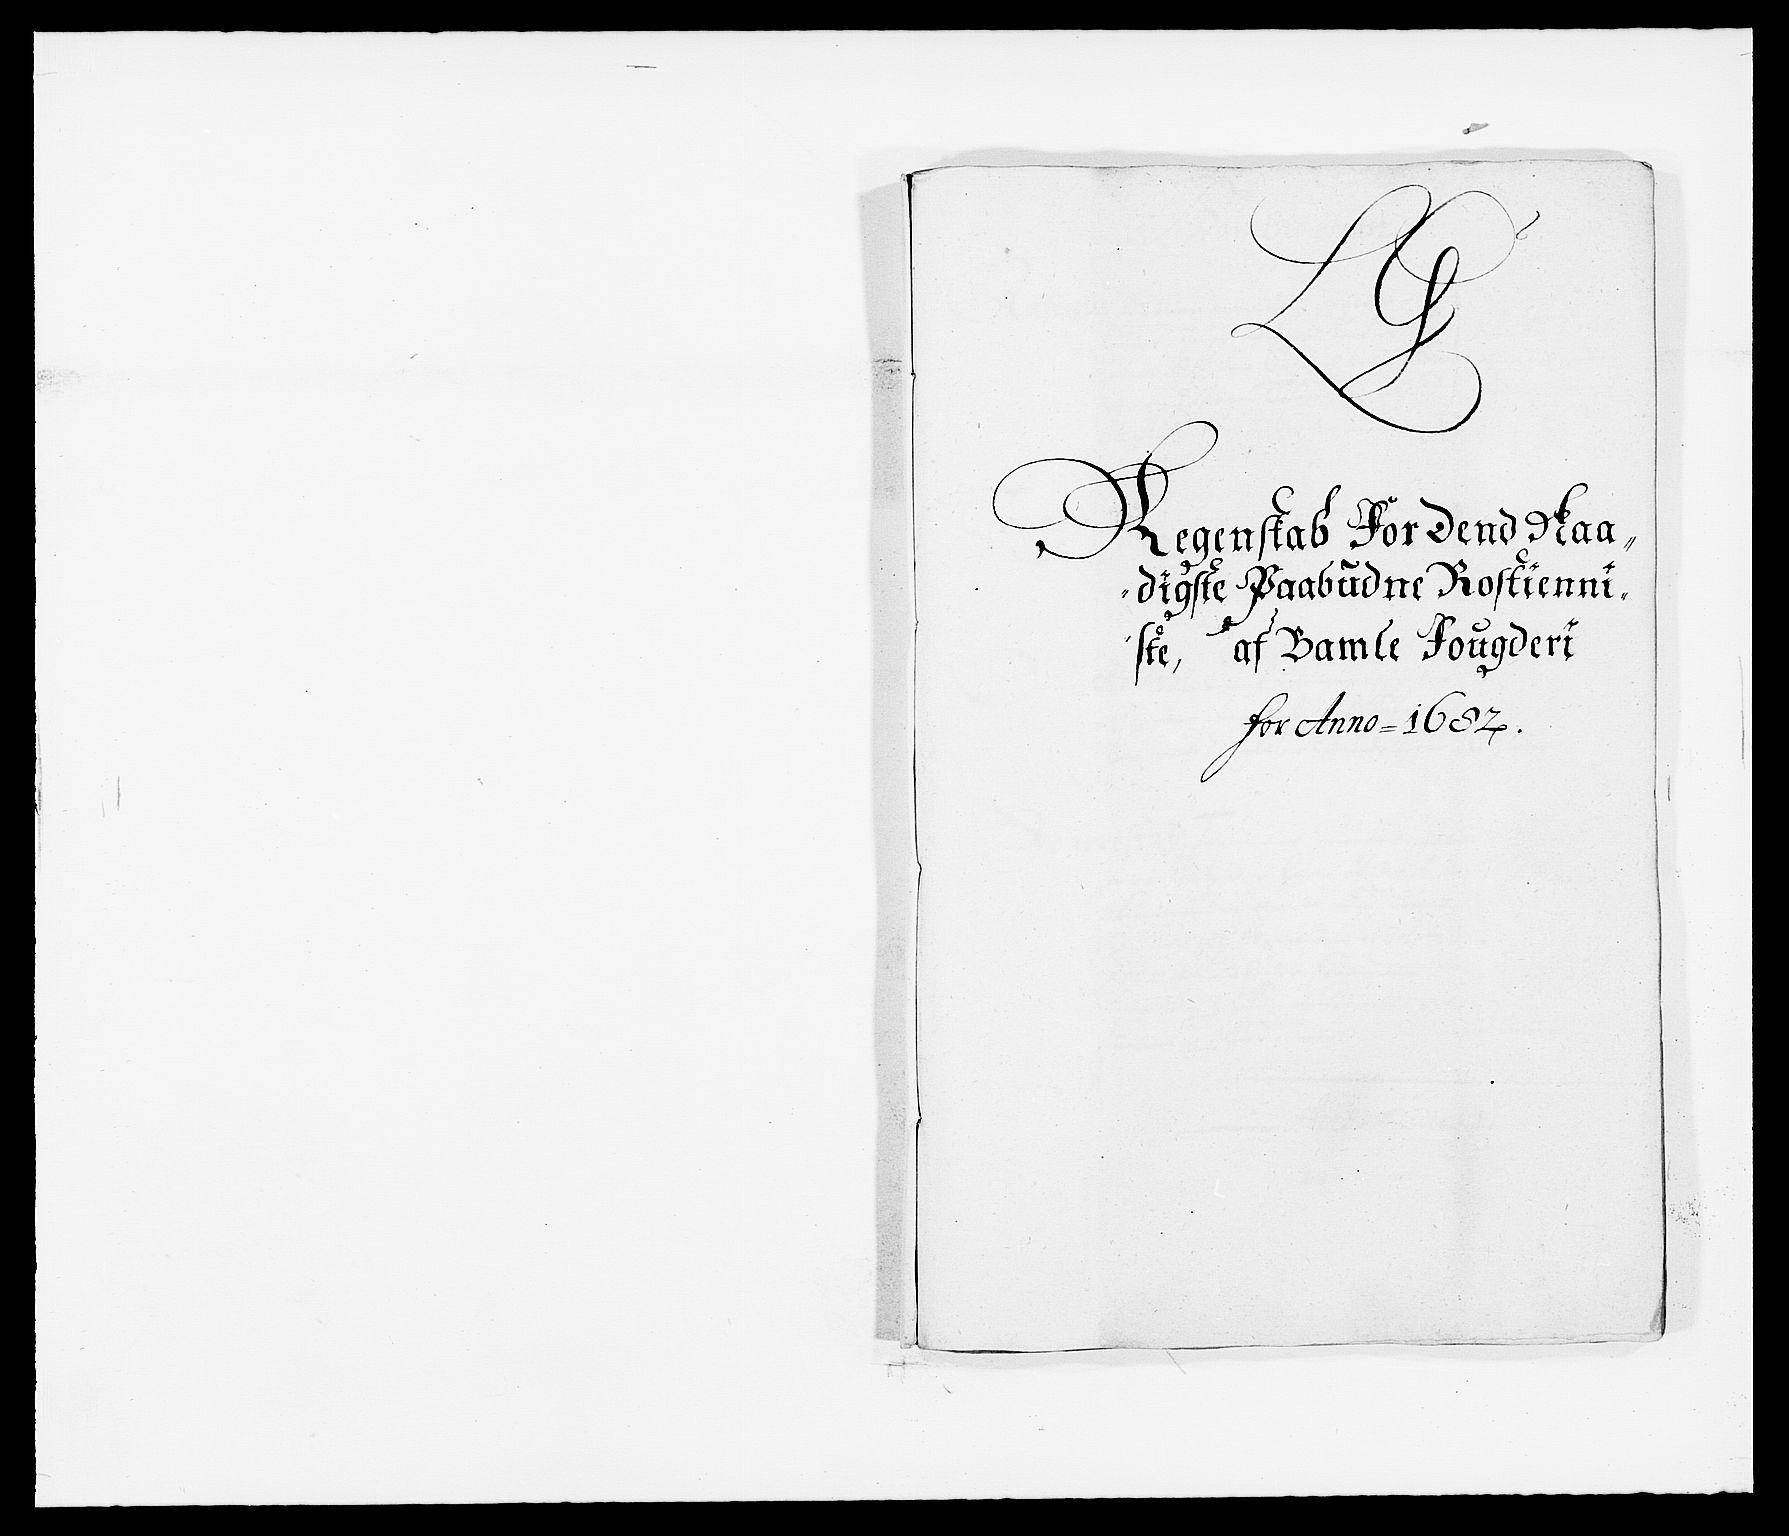 RA, Rentekammeret inntil 1814, Reviderte regnskaper, Fogderegnskap, R34/L2046: Fogderegnskap Bamble, 1682-1683, s. 178